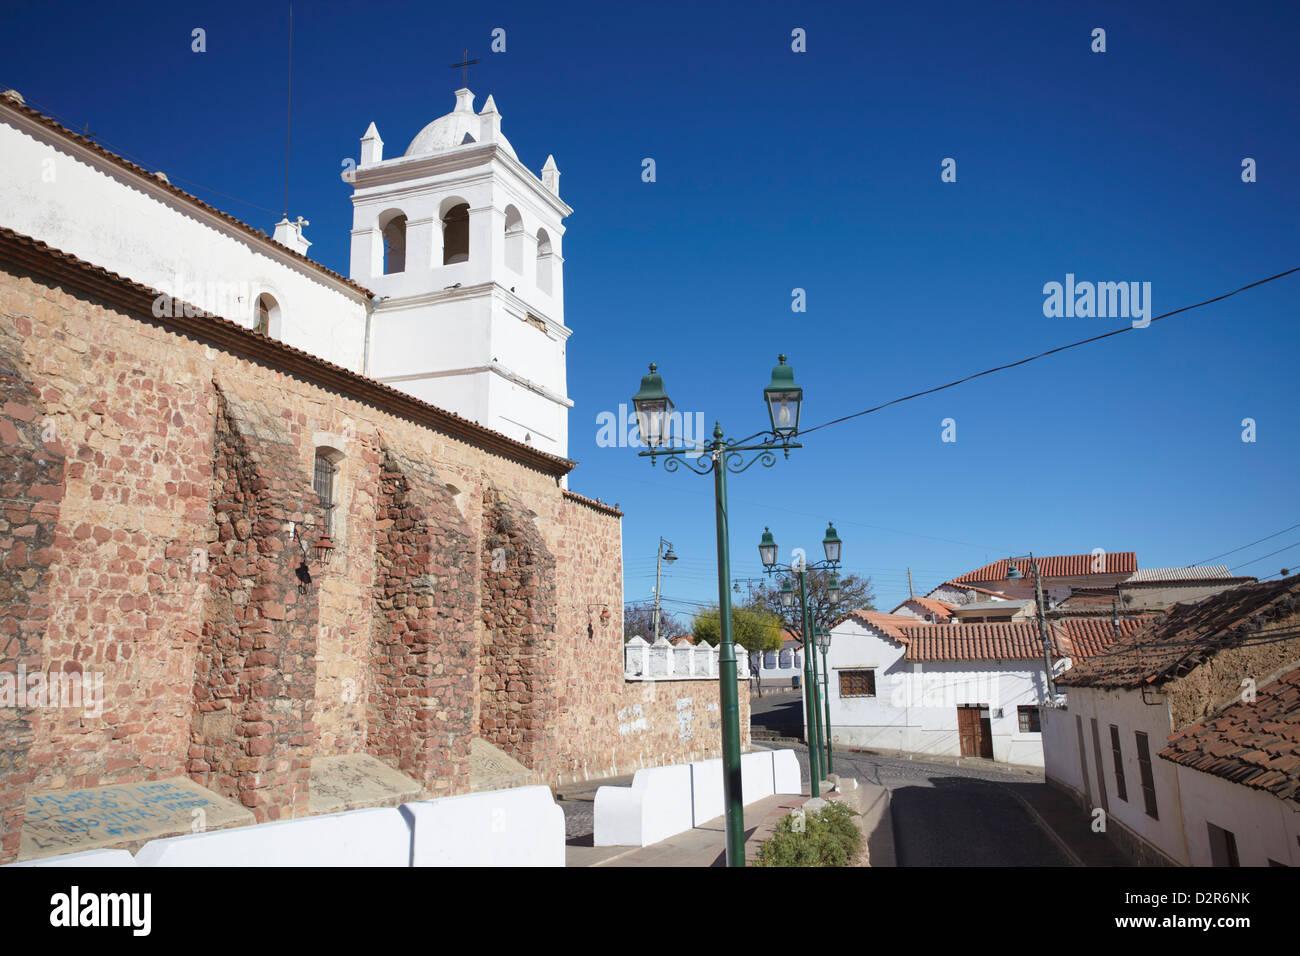 Iglesia de la Recoleta (Recoleta Church), Sucre, UNESCO World Heritage Site, Bolivia, South America - Stock Image